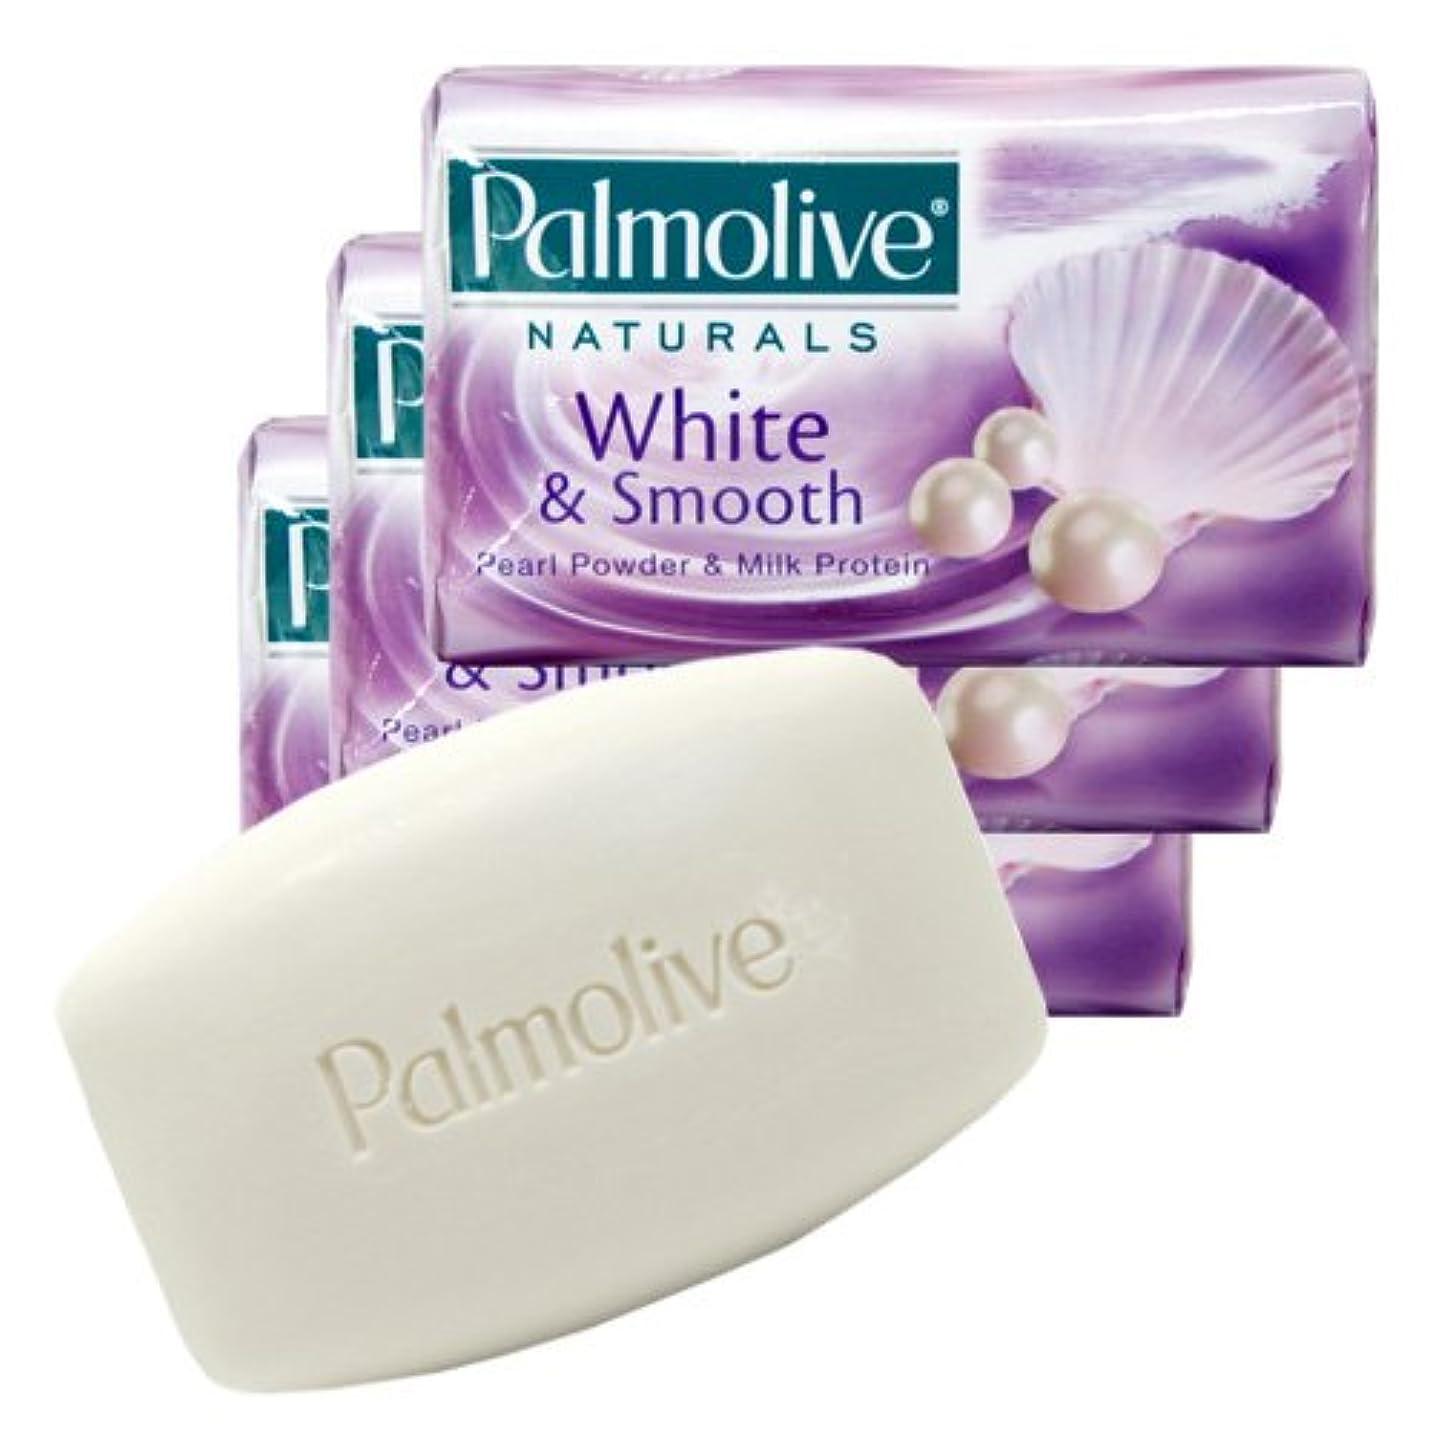 スクラップどういたしまして自然【Palmolive】パルモリーブ ナチュラルズ石鹸3個パック ホワイト&スムース(パールパウダー&ミルクプロテイン)80g×3